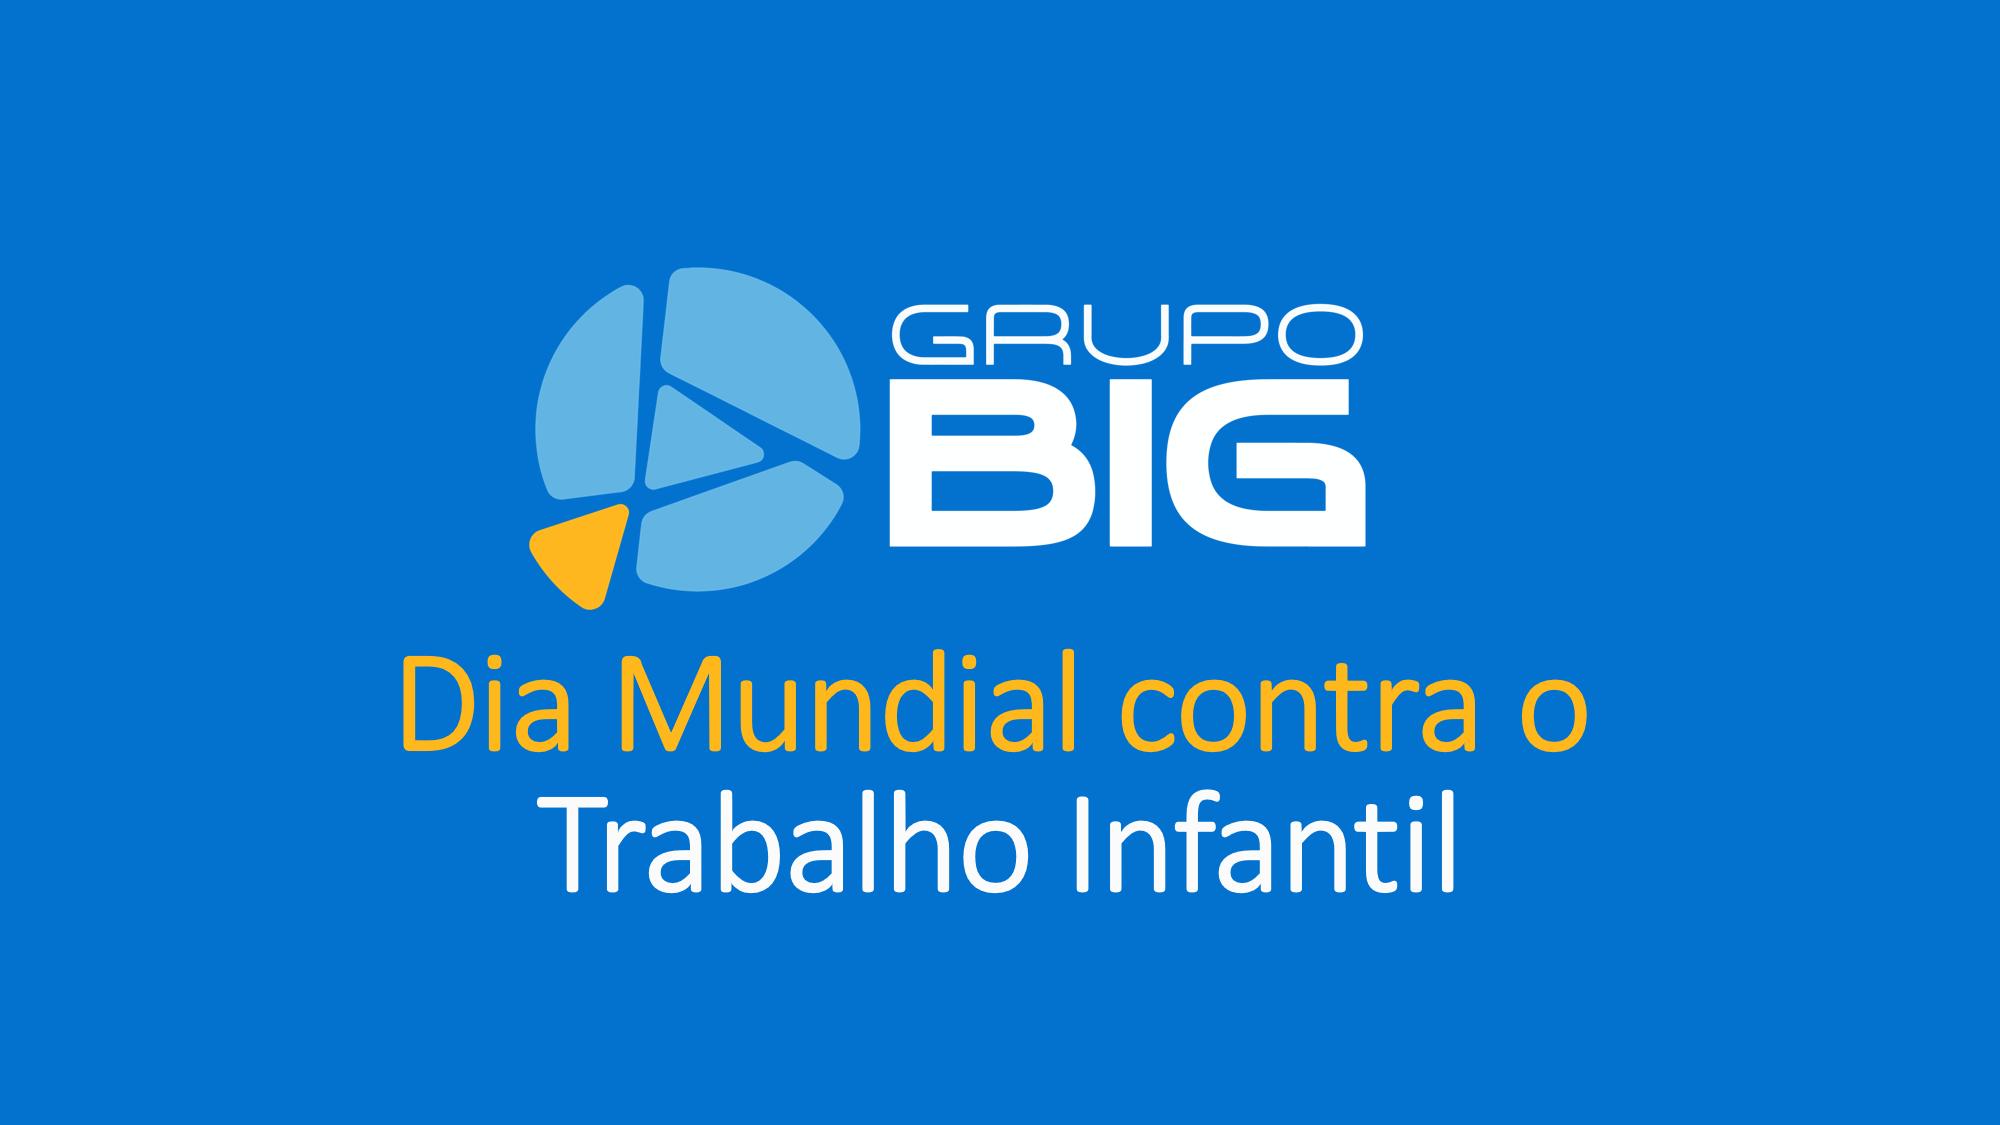 Grupo BIG reafirma compromisso no combate à exploração infantil